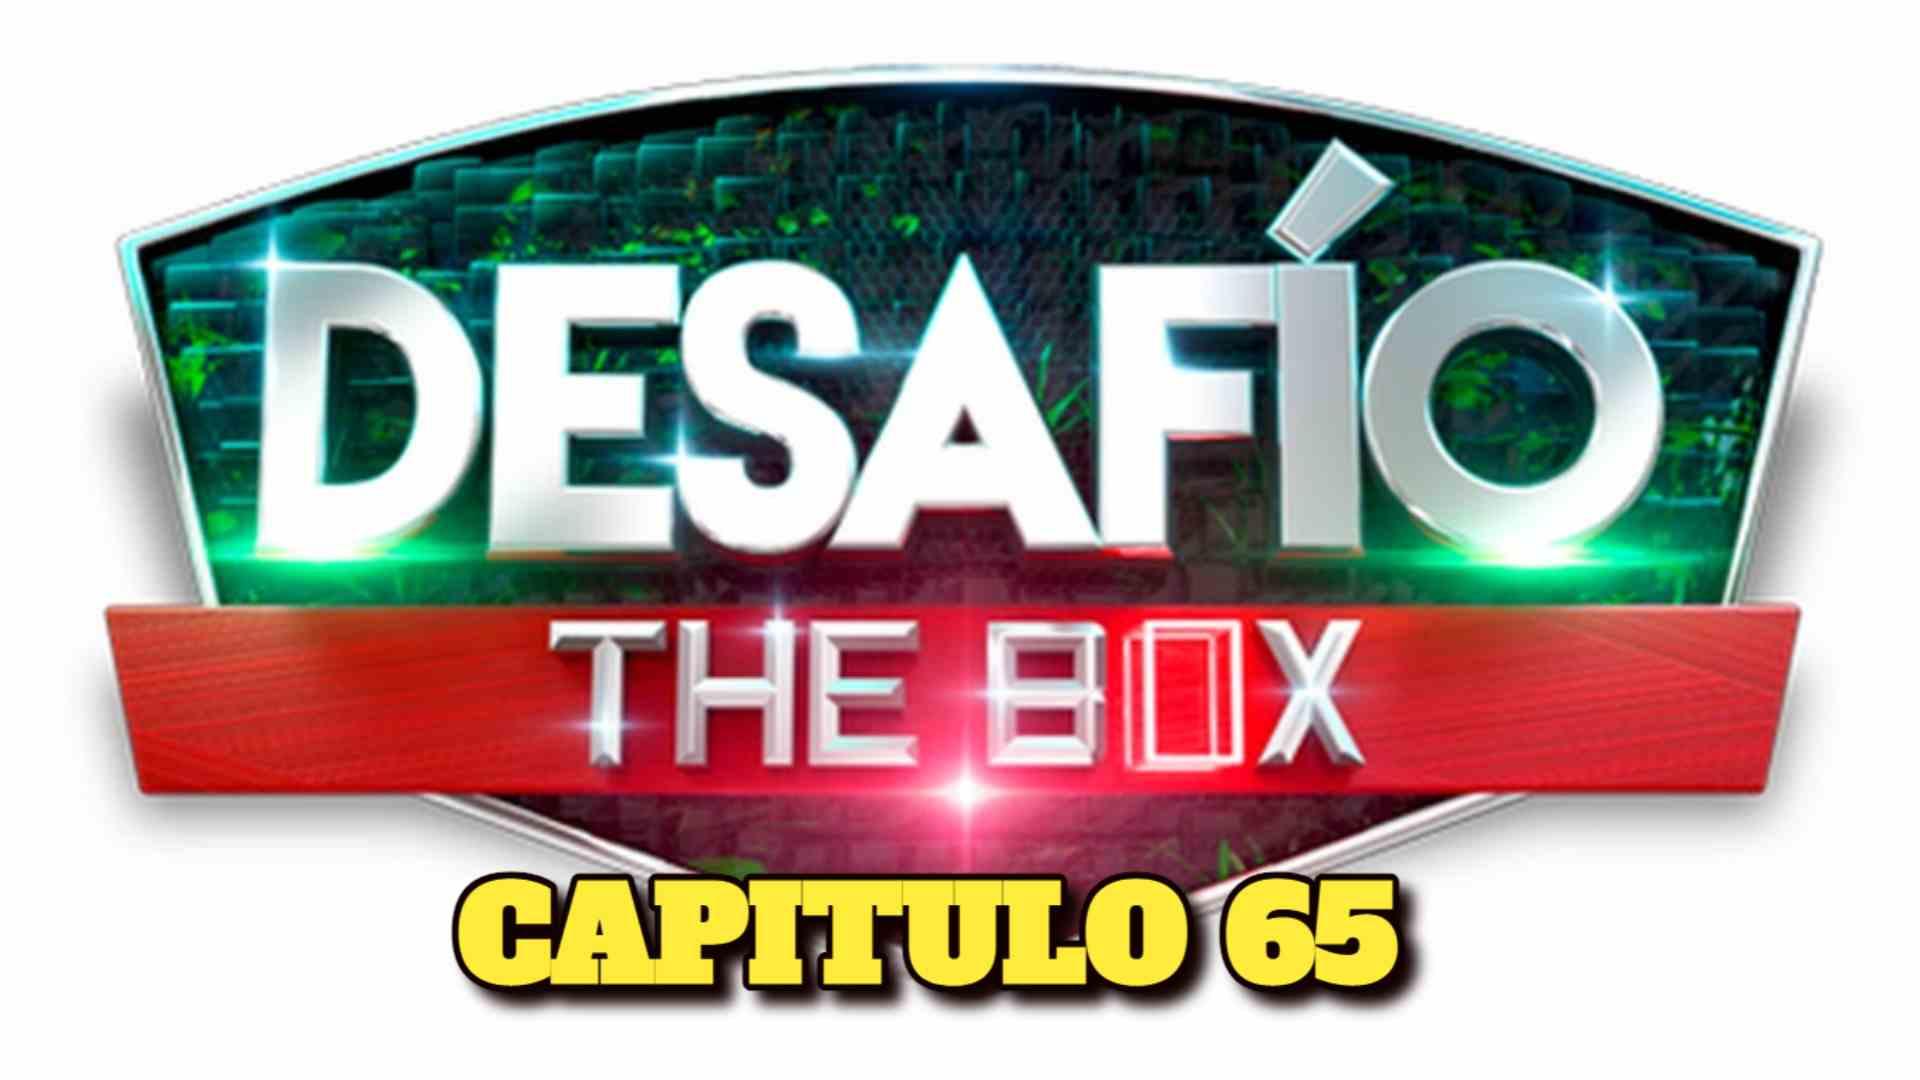 Desafio The Box 2021 CAPITULO 65